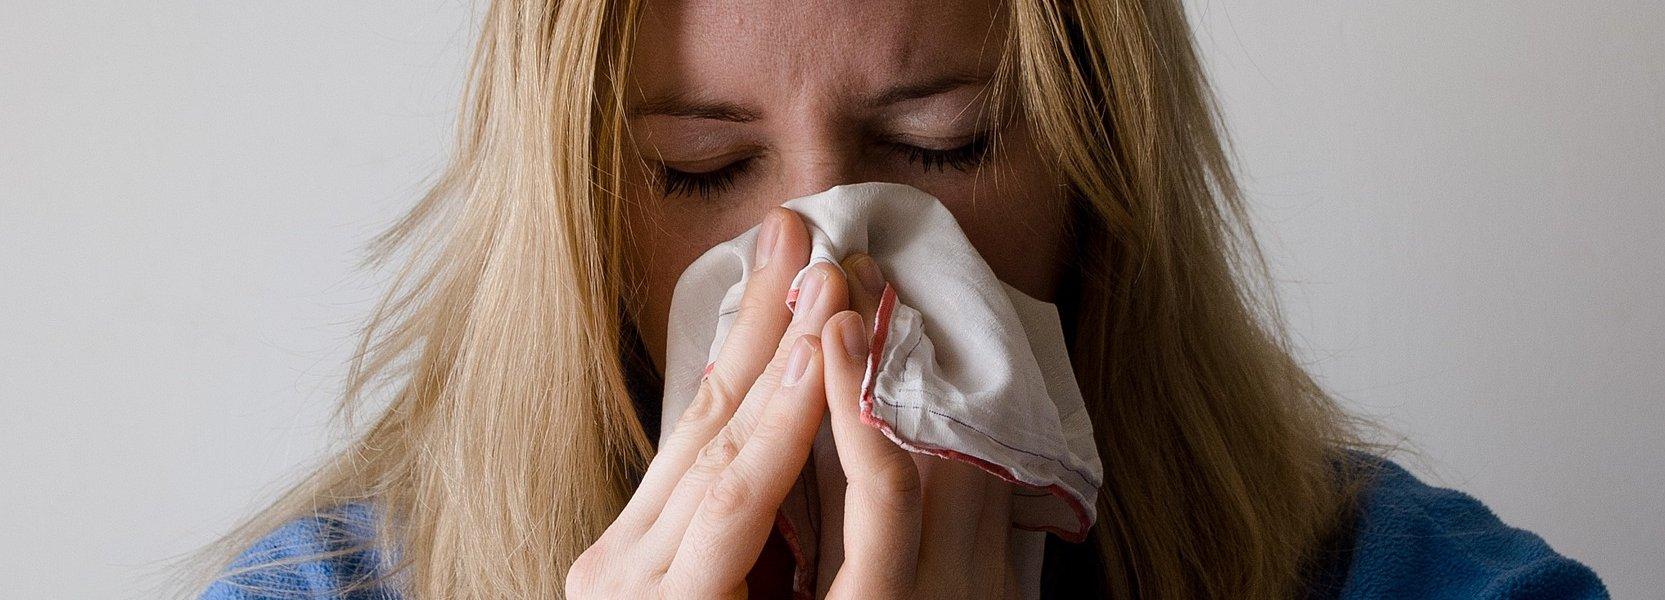 Ziekteverzuim voorkomen